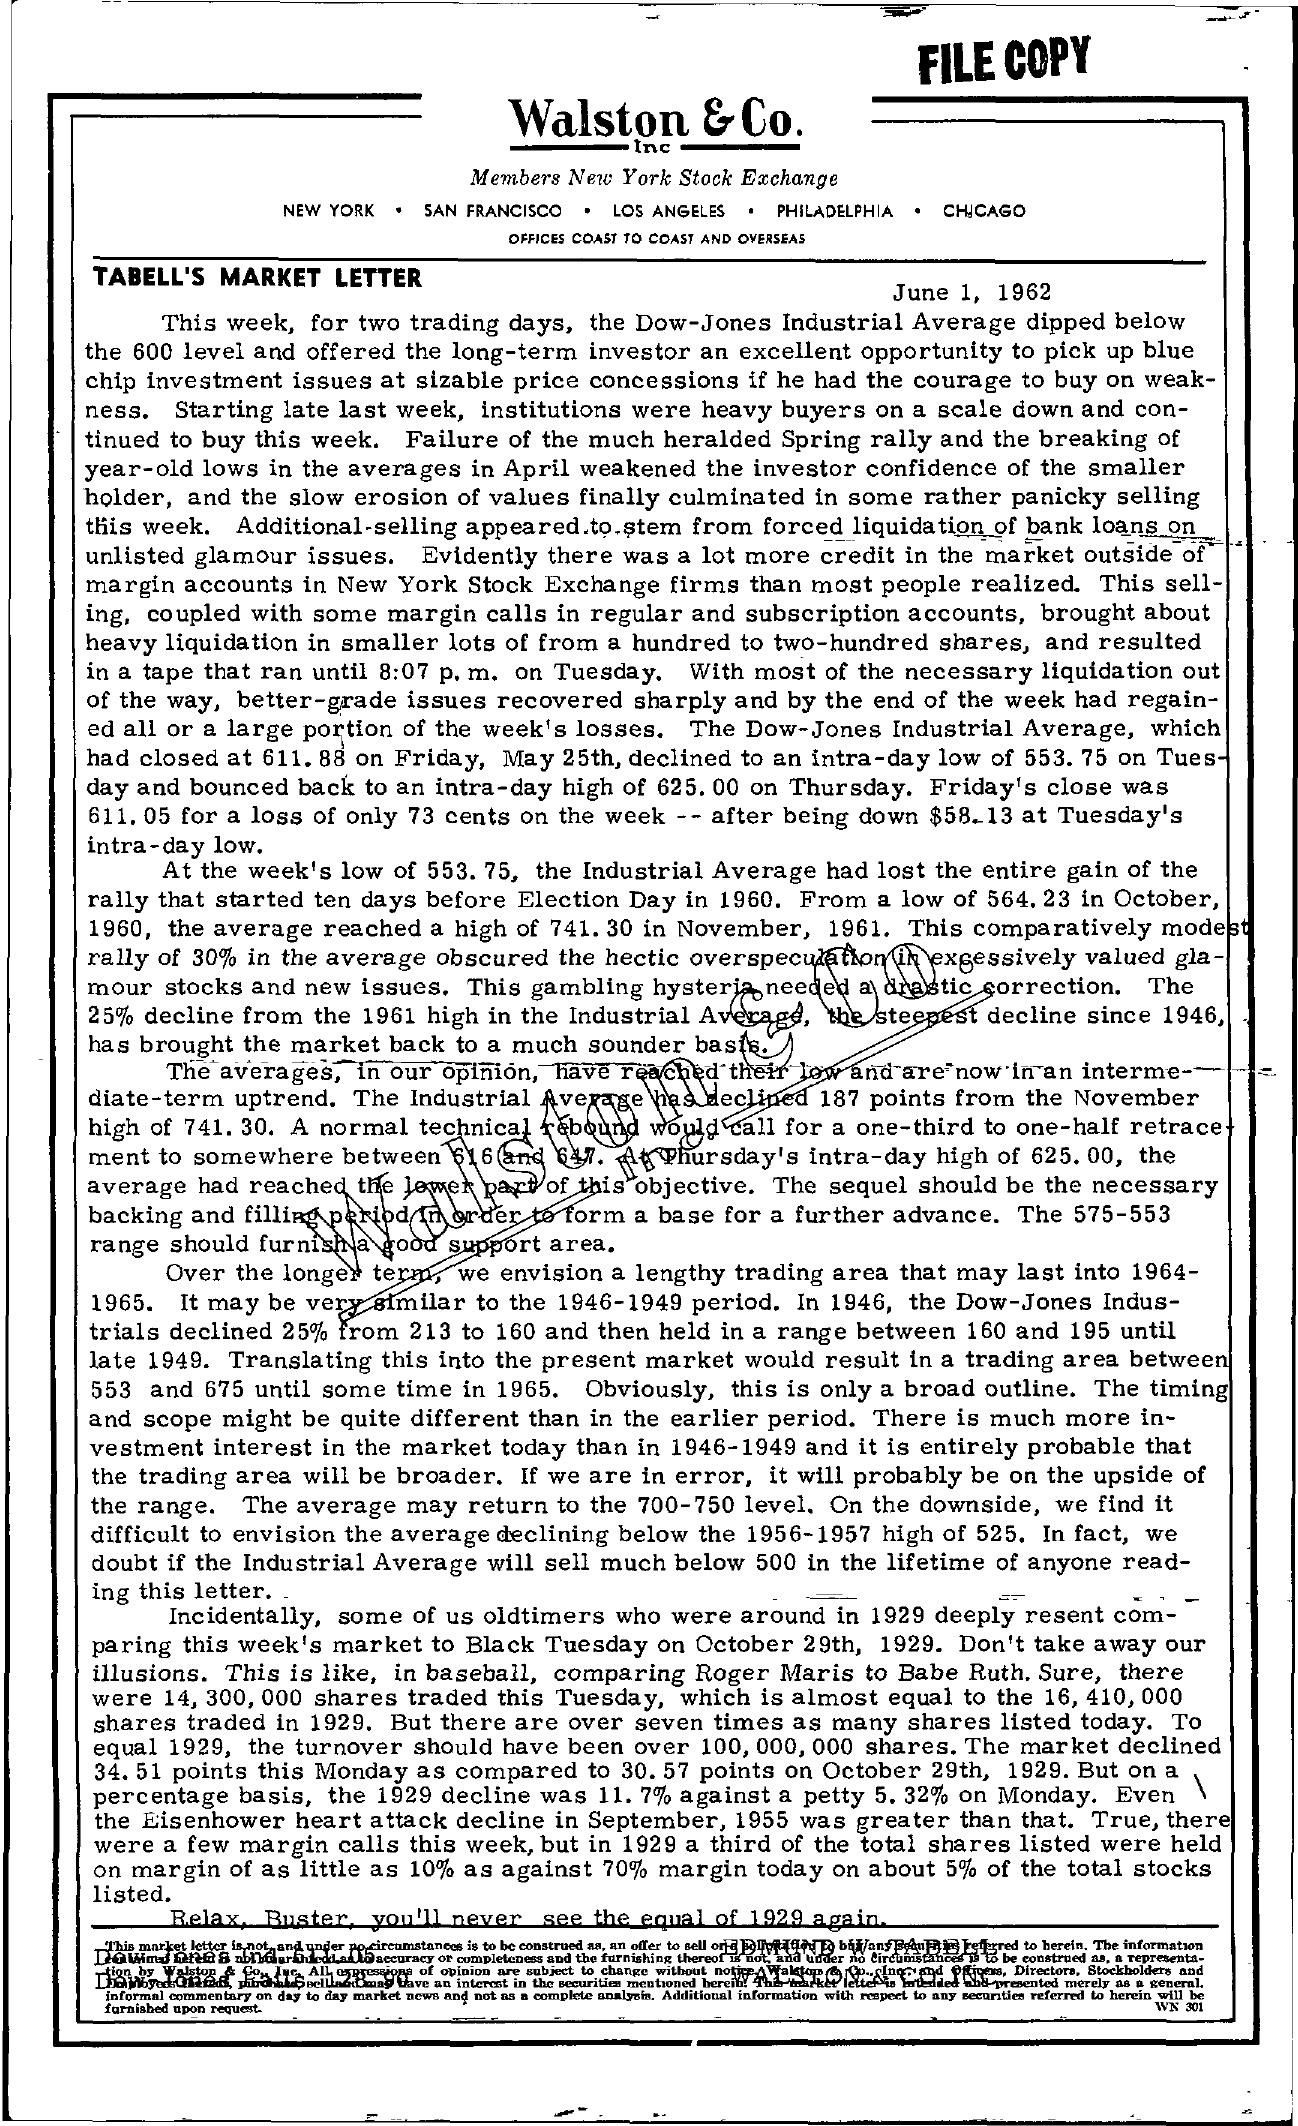 Tabell's Market Letter - June 01, 1962